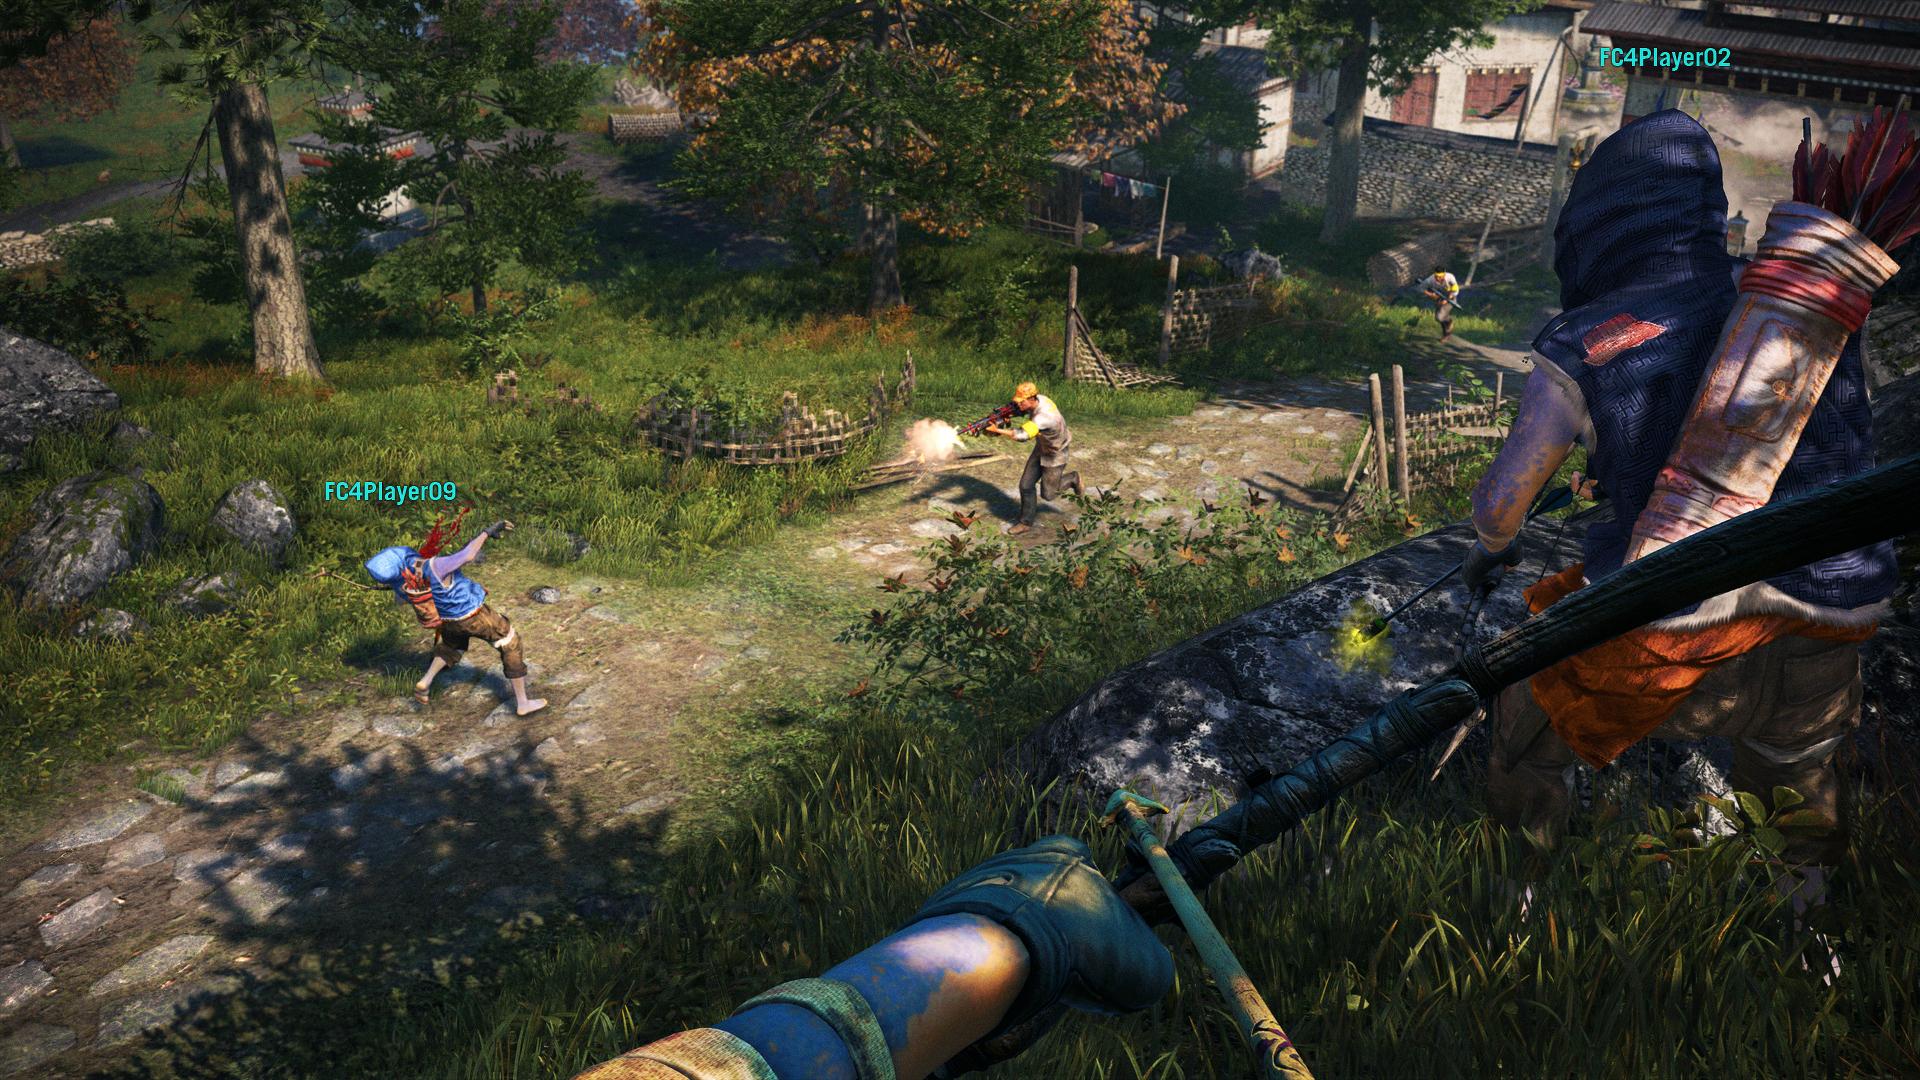 Ještě obrázky z multiplayeru Far Cry 4 101861